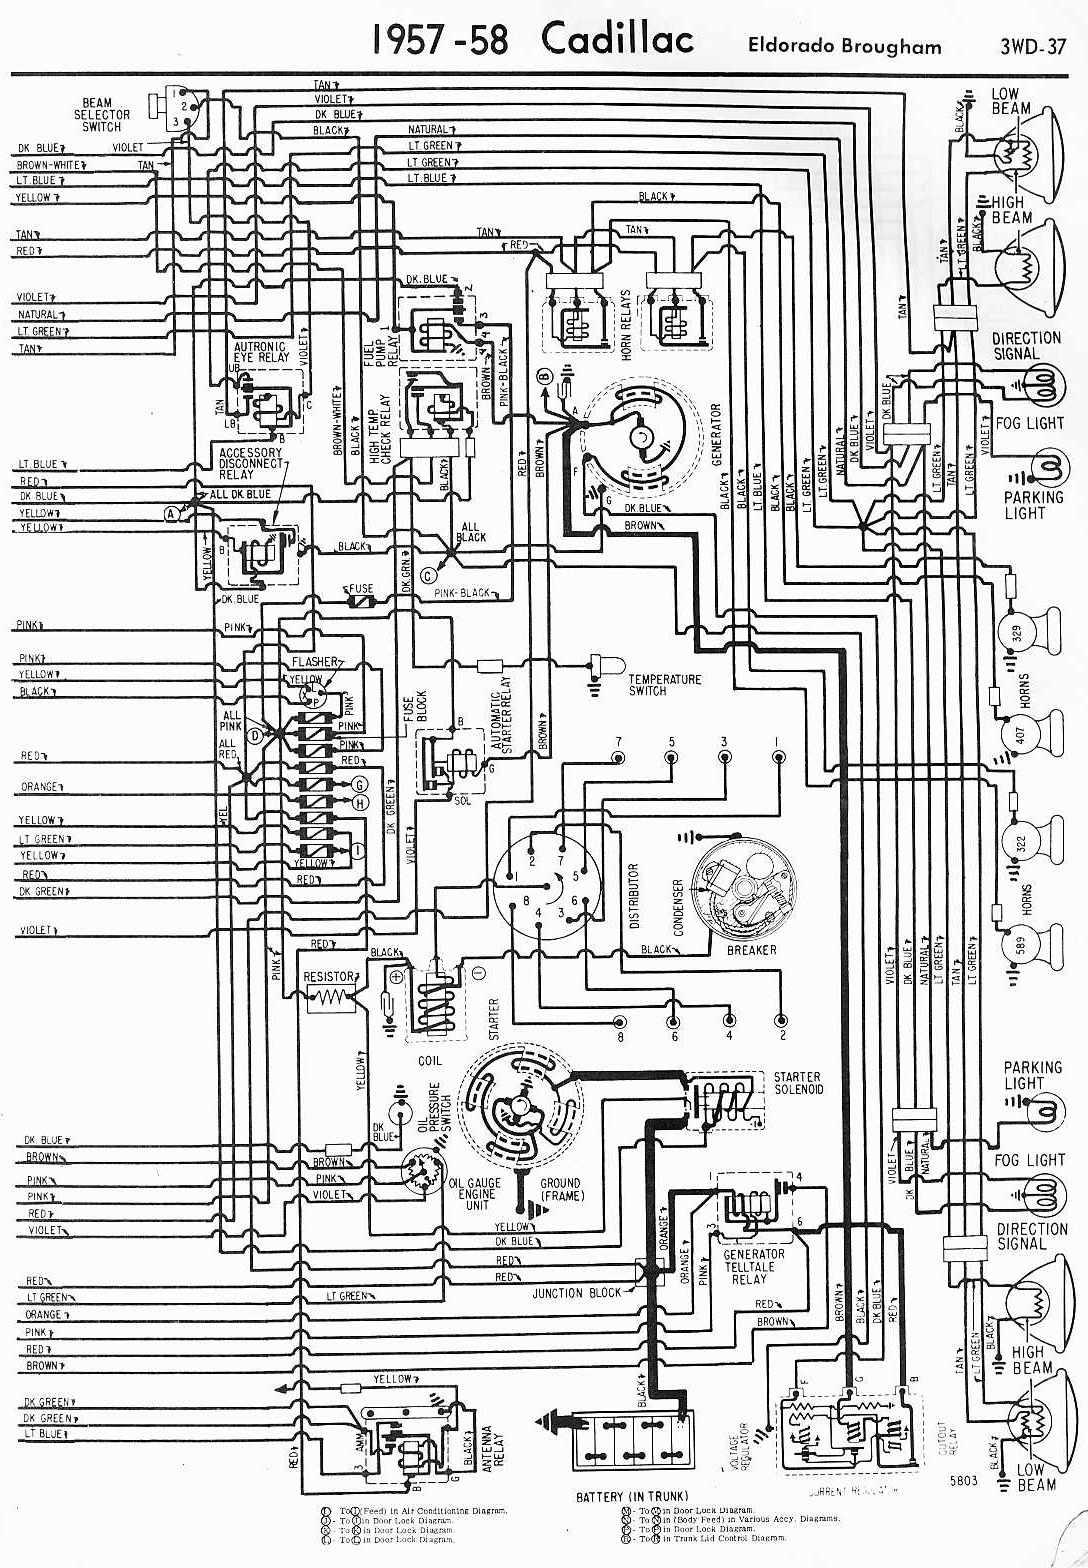 84 cadillac eldorado wiring diagram trusted wiring 57 Cadillac Eldorado Wiring-Diagram Lumina Wiring-Diagram